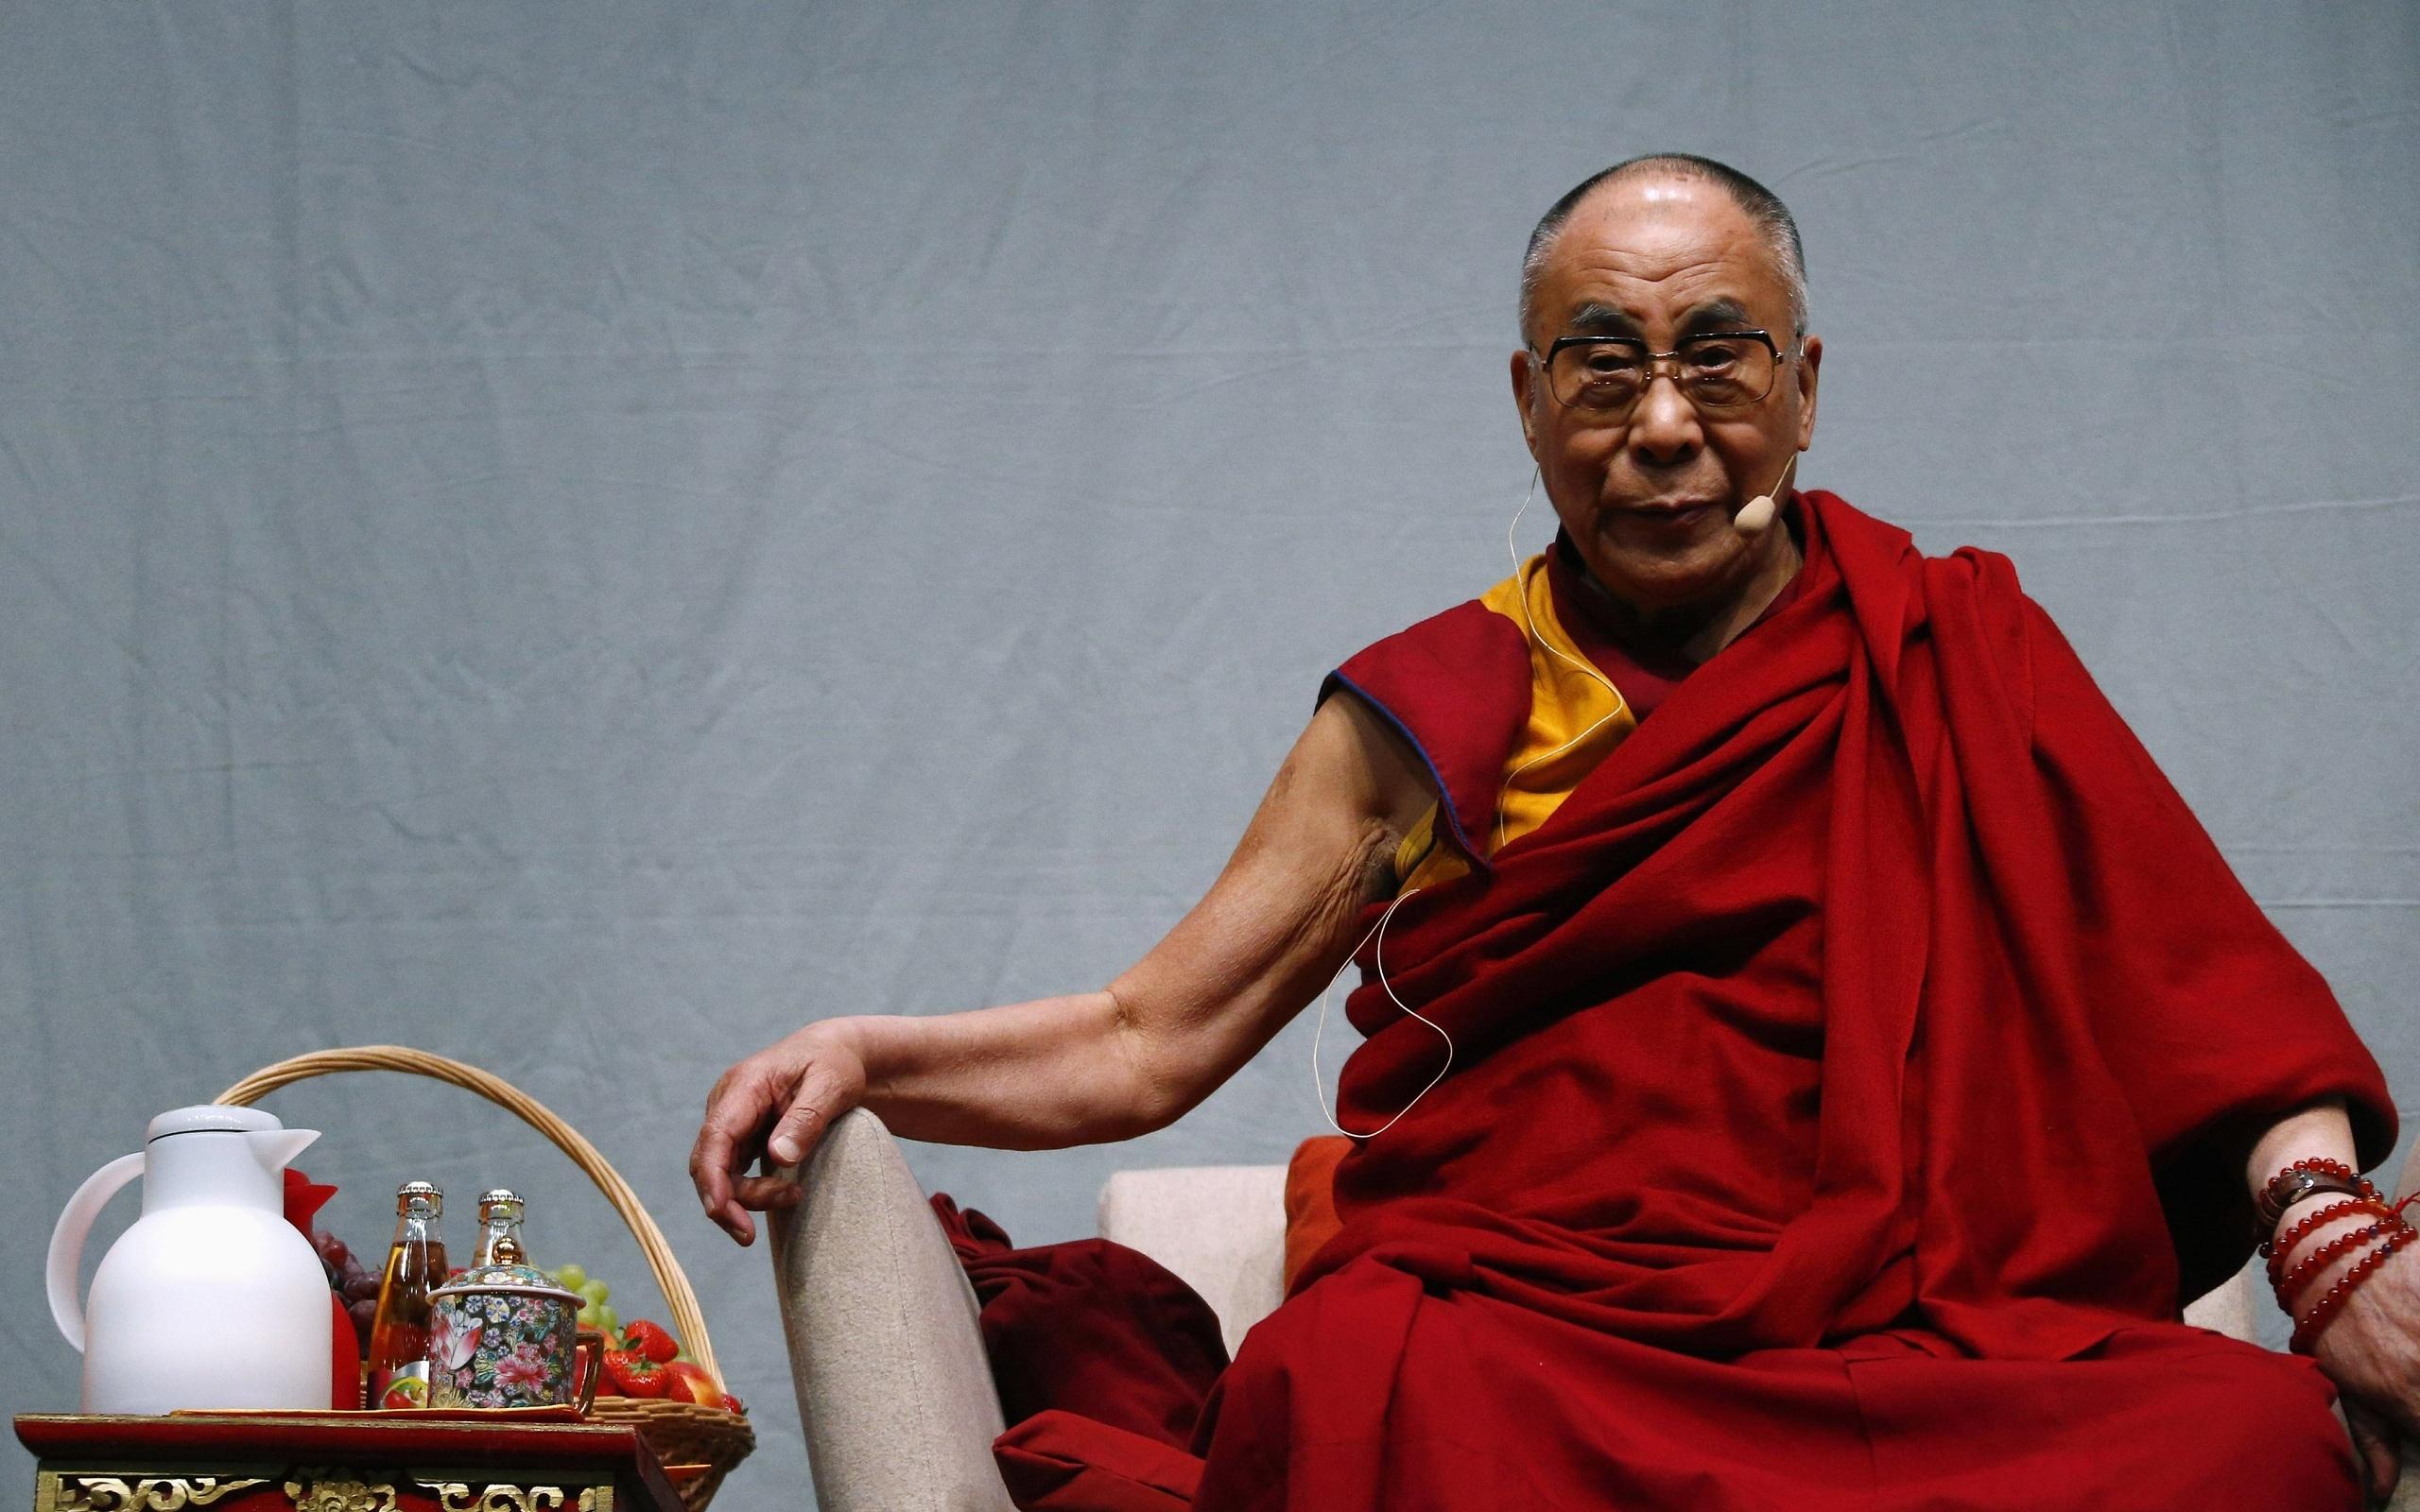 Religion Tibetan Buddhism Buddhism Dalai Lama Tenzin